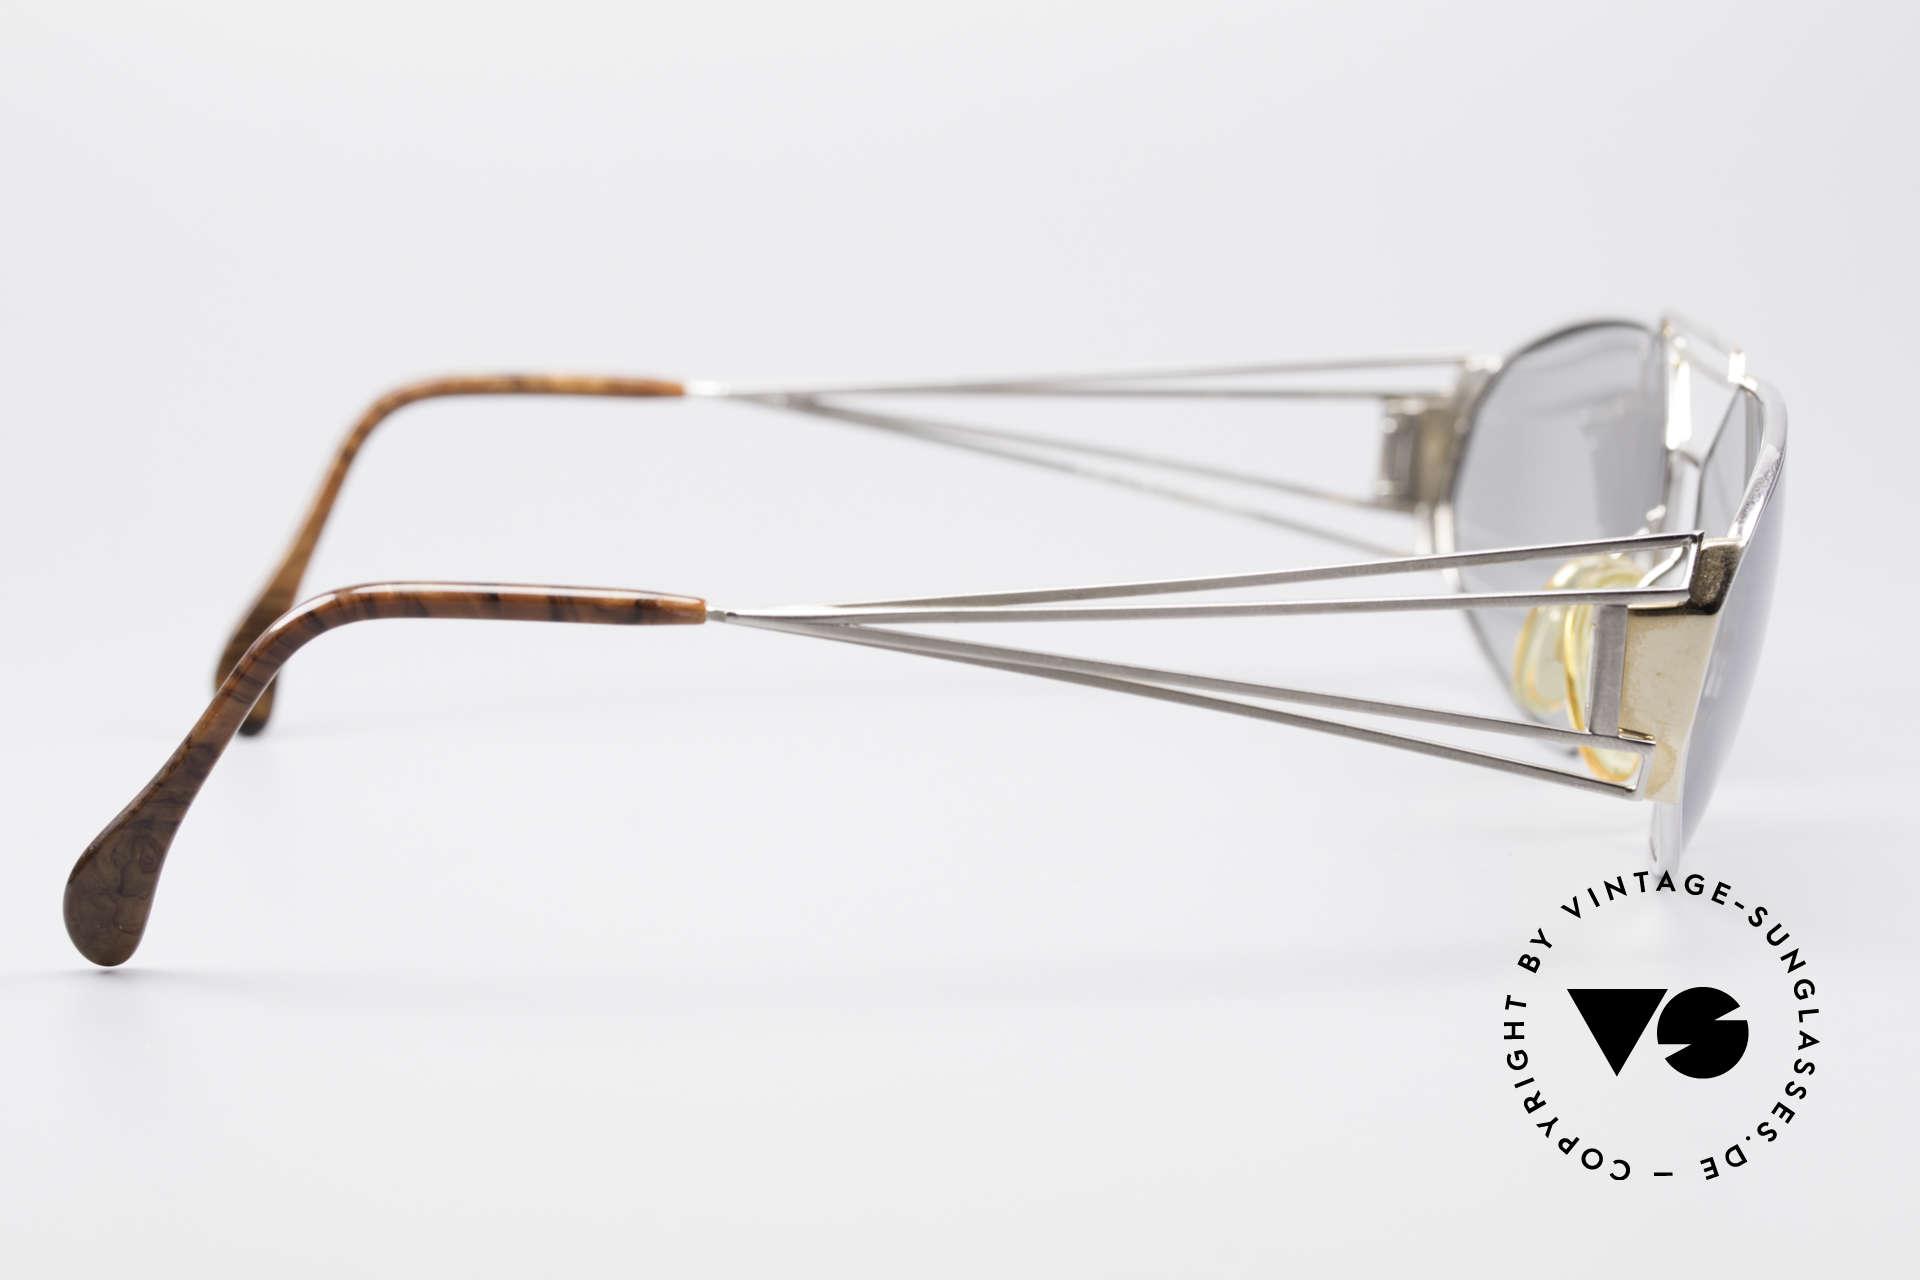 Zollitsch Trapez Geometrical Designer Frame, frame fits lenses of any kind (optical or sun lenses), Made for Men